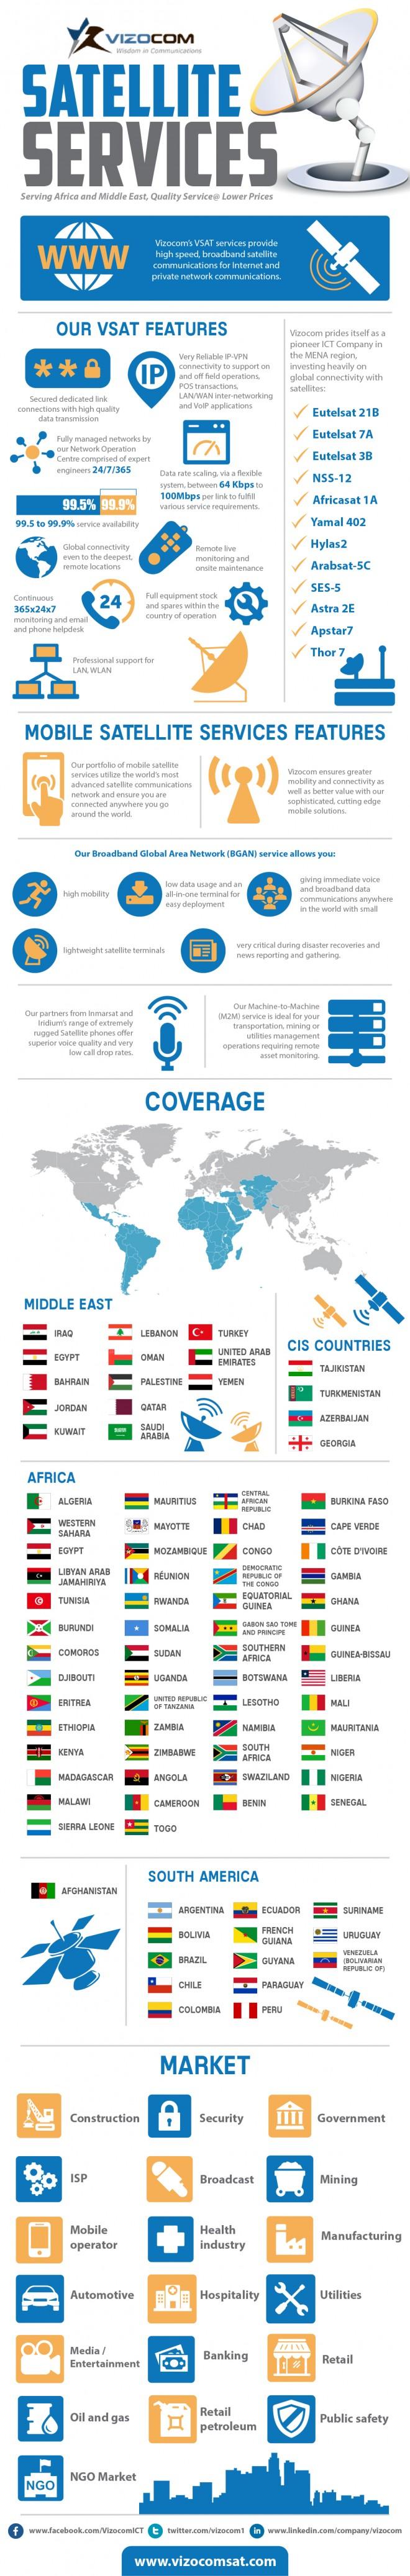 Vizocom Satellite Coverage